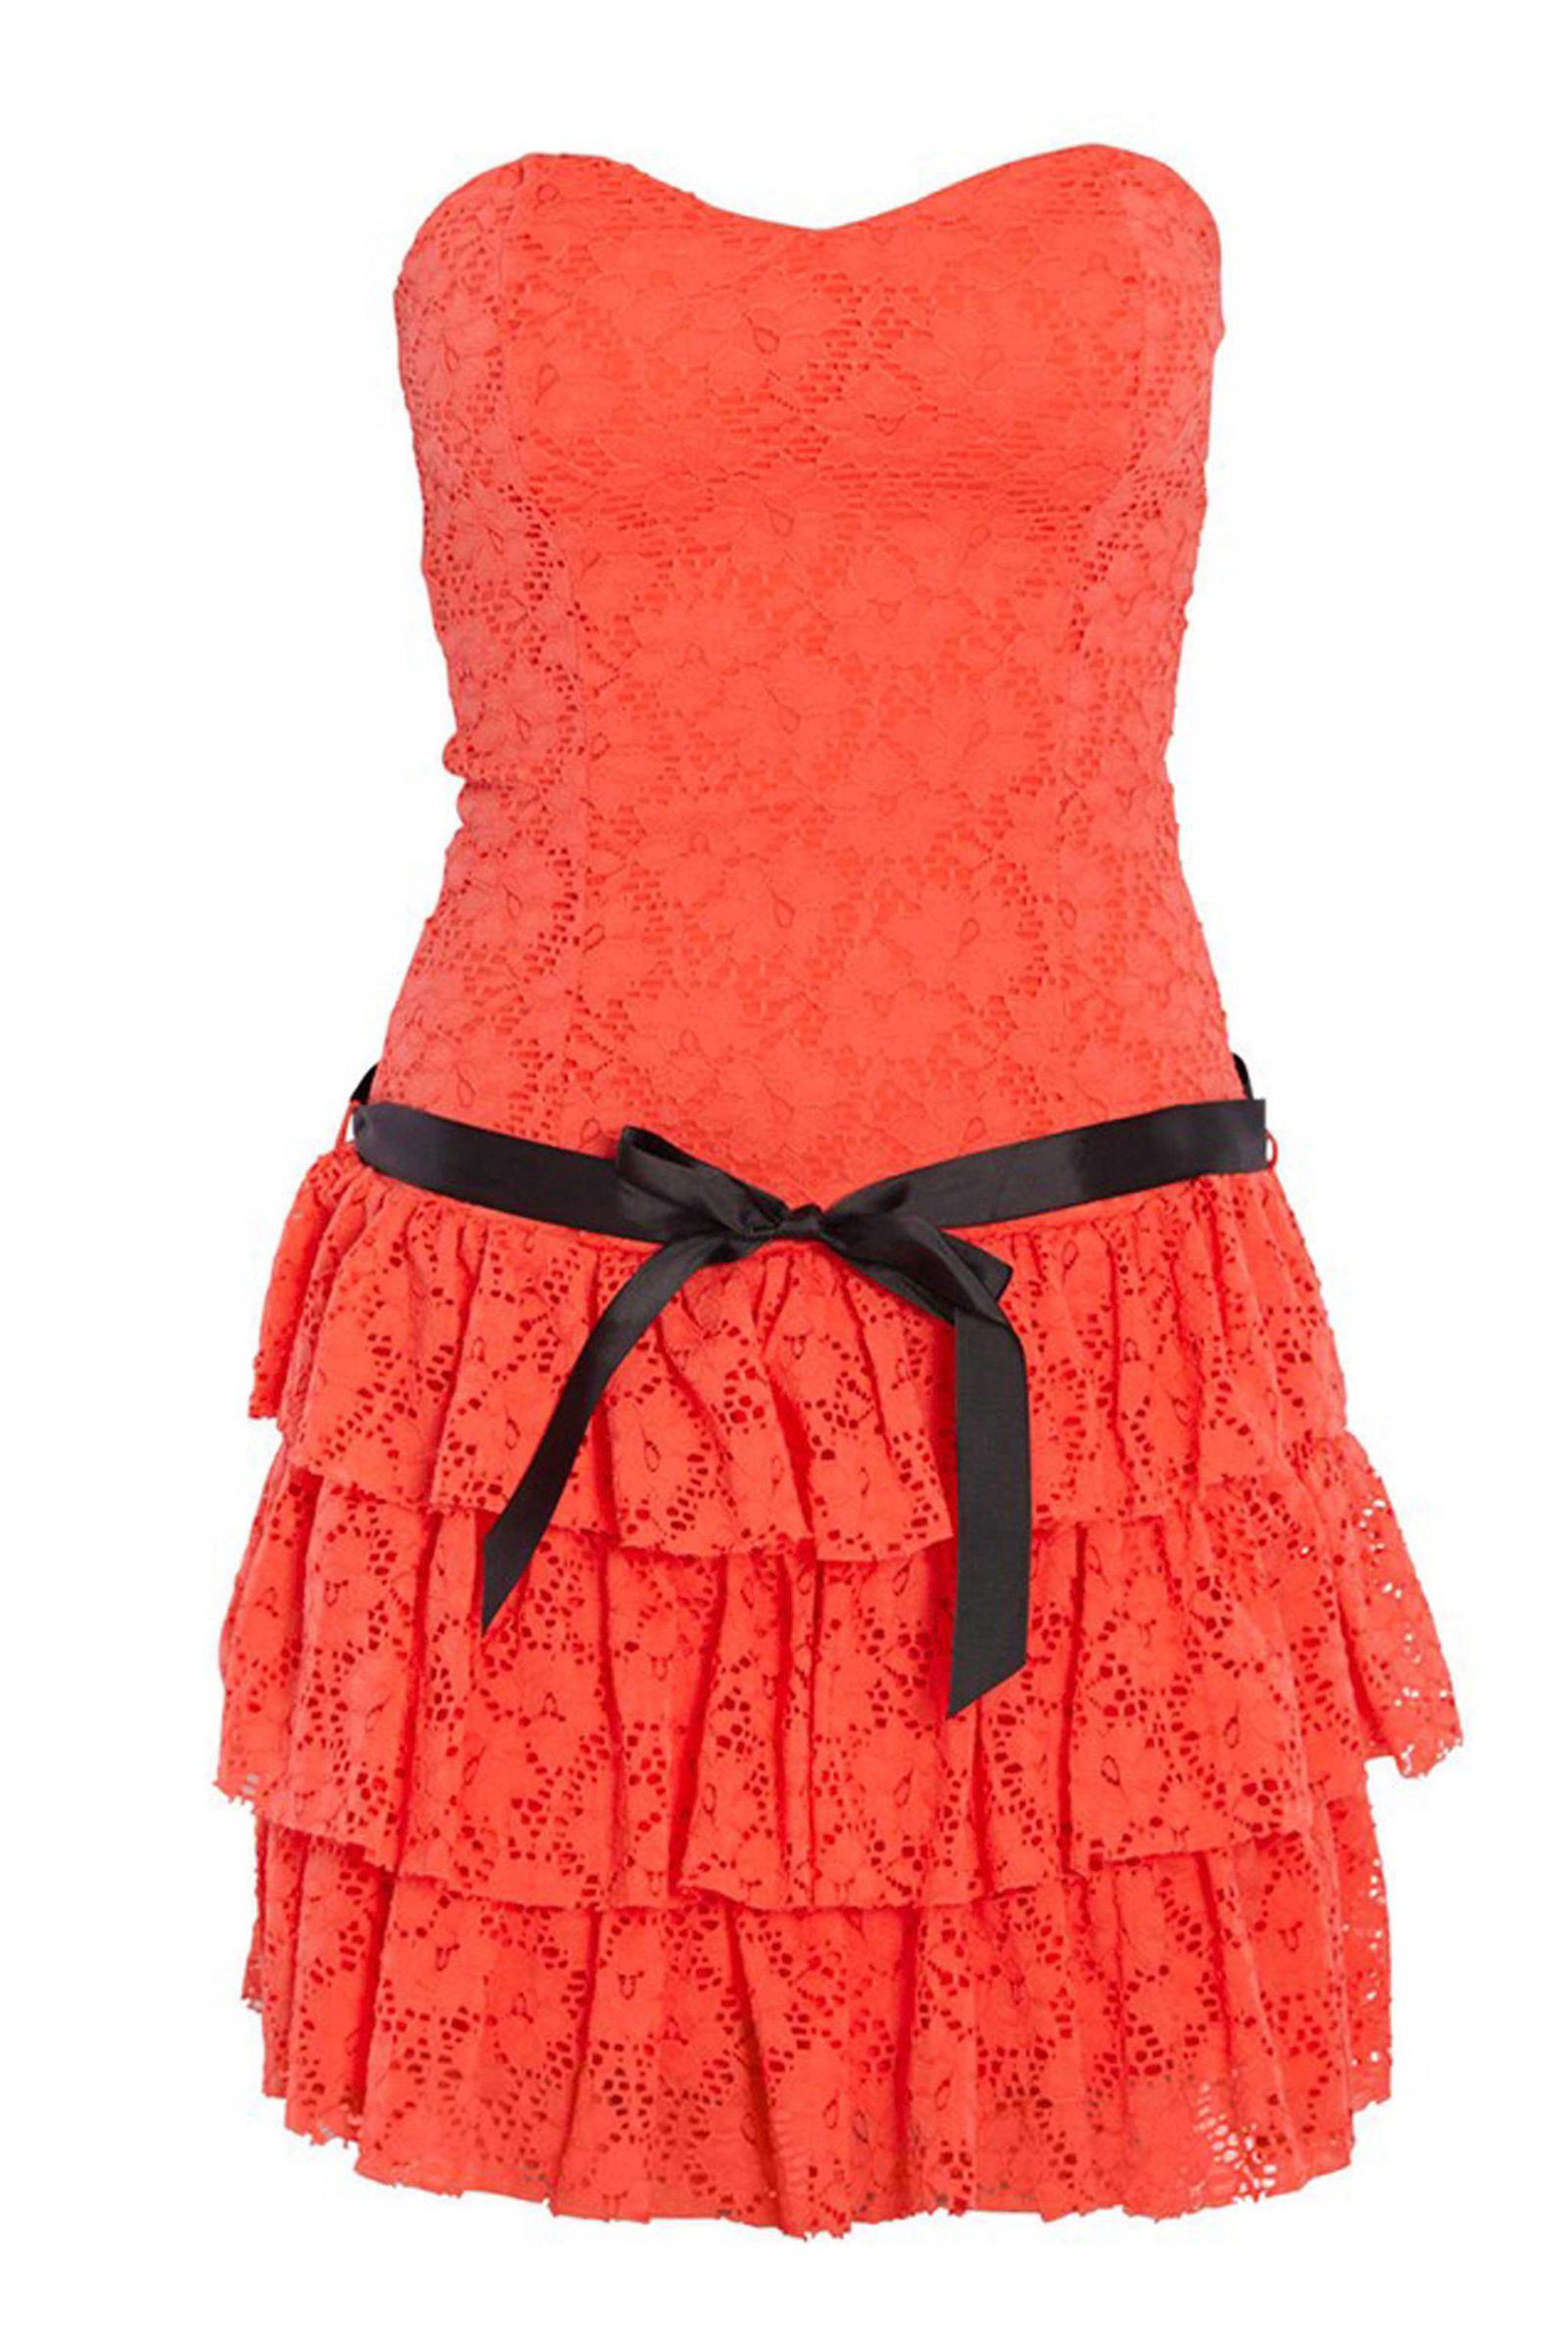 215fa91149eef7 Morgan strapless jurk